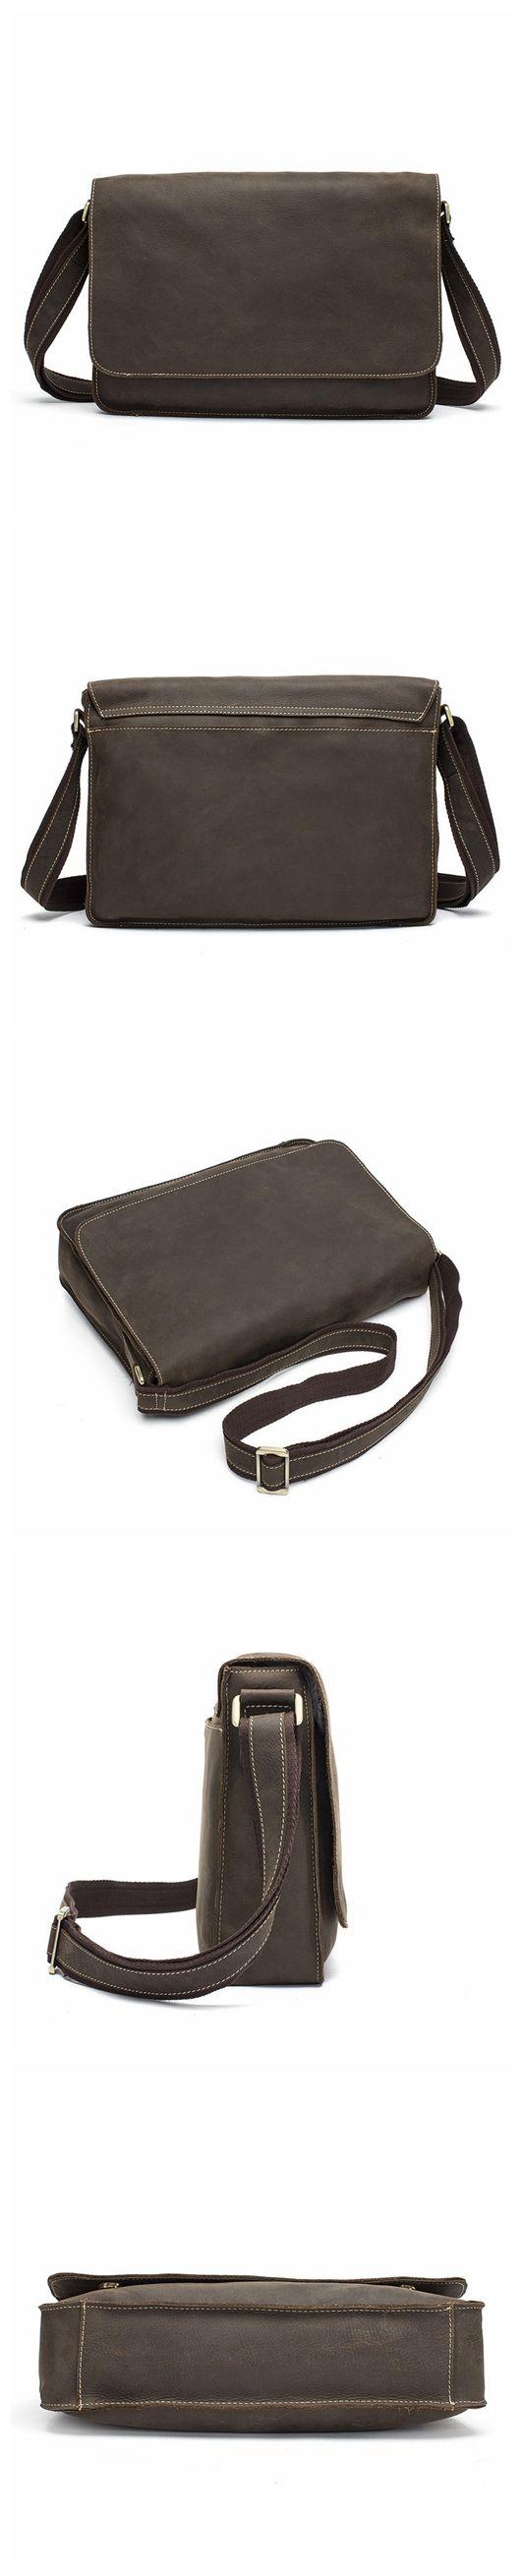 Vintage Leather Full Flap Messenger Handmade Bag Laptop Bag Messenger Bag Satchel Bag